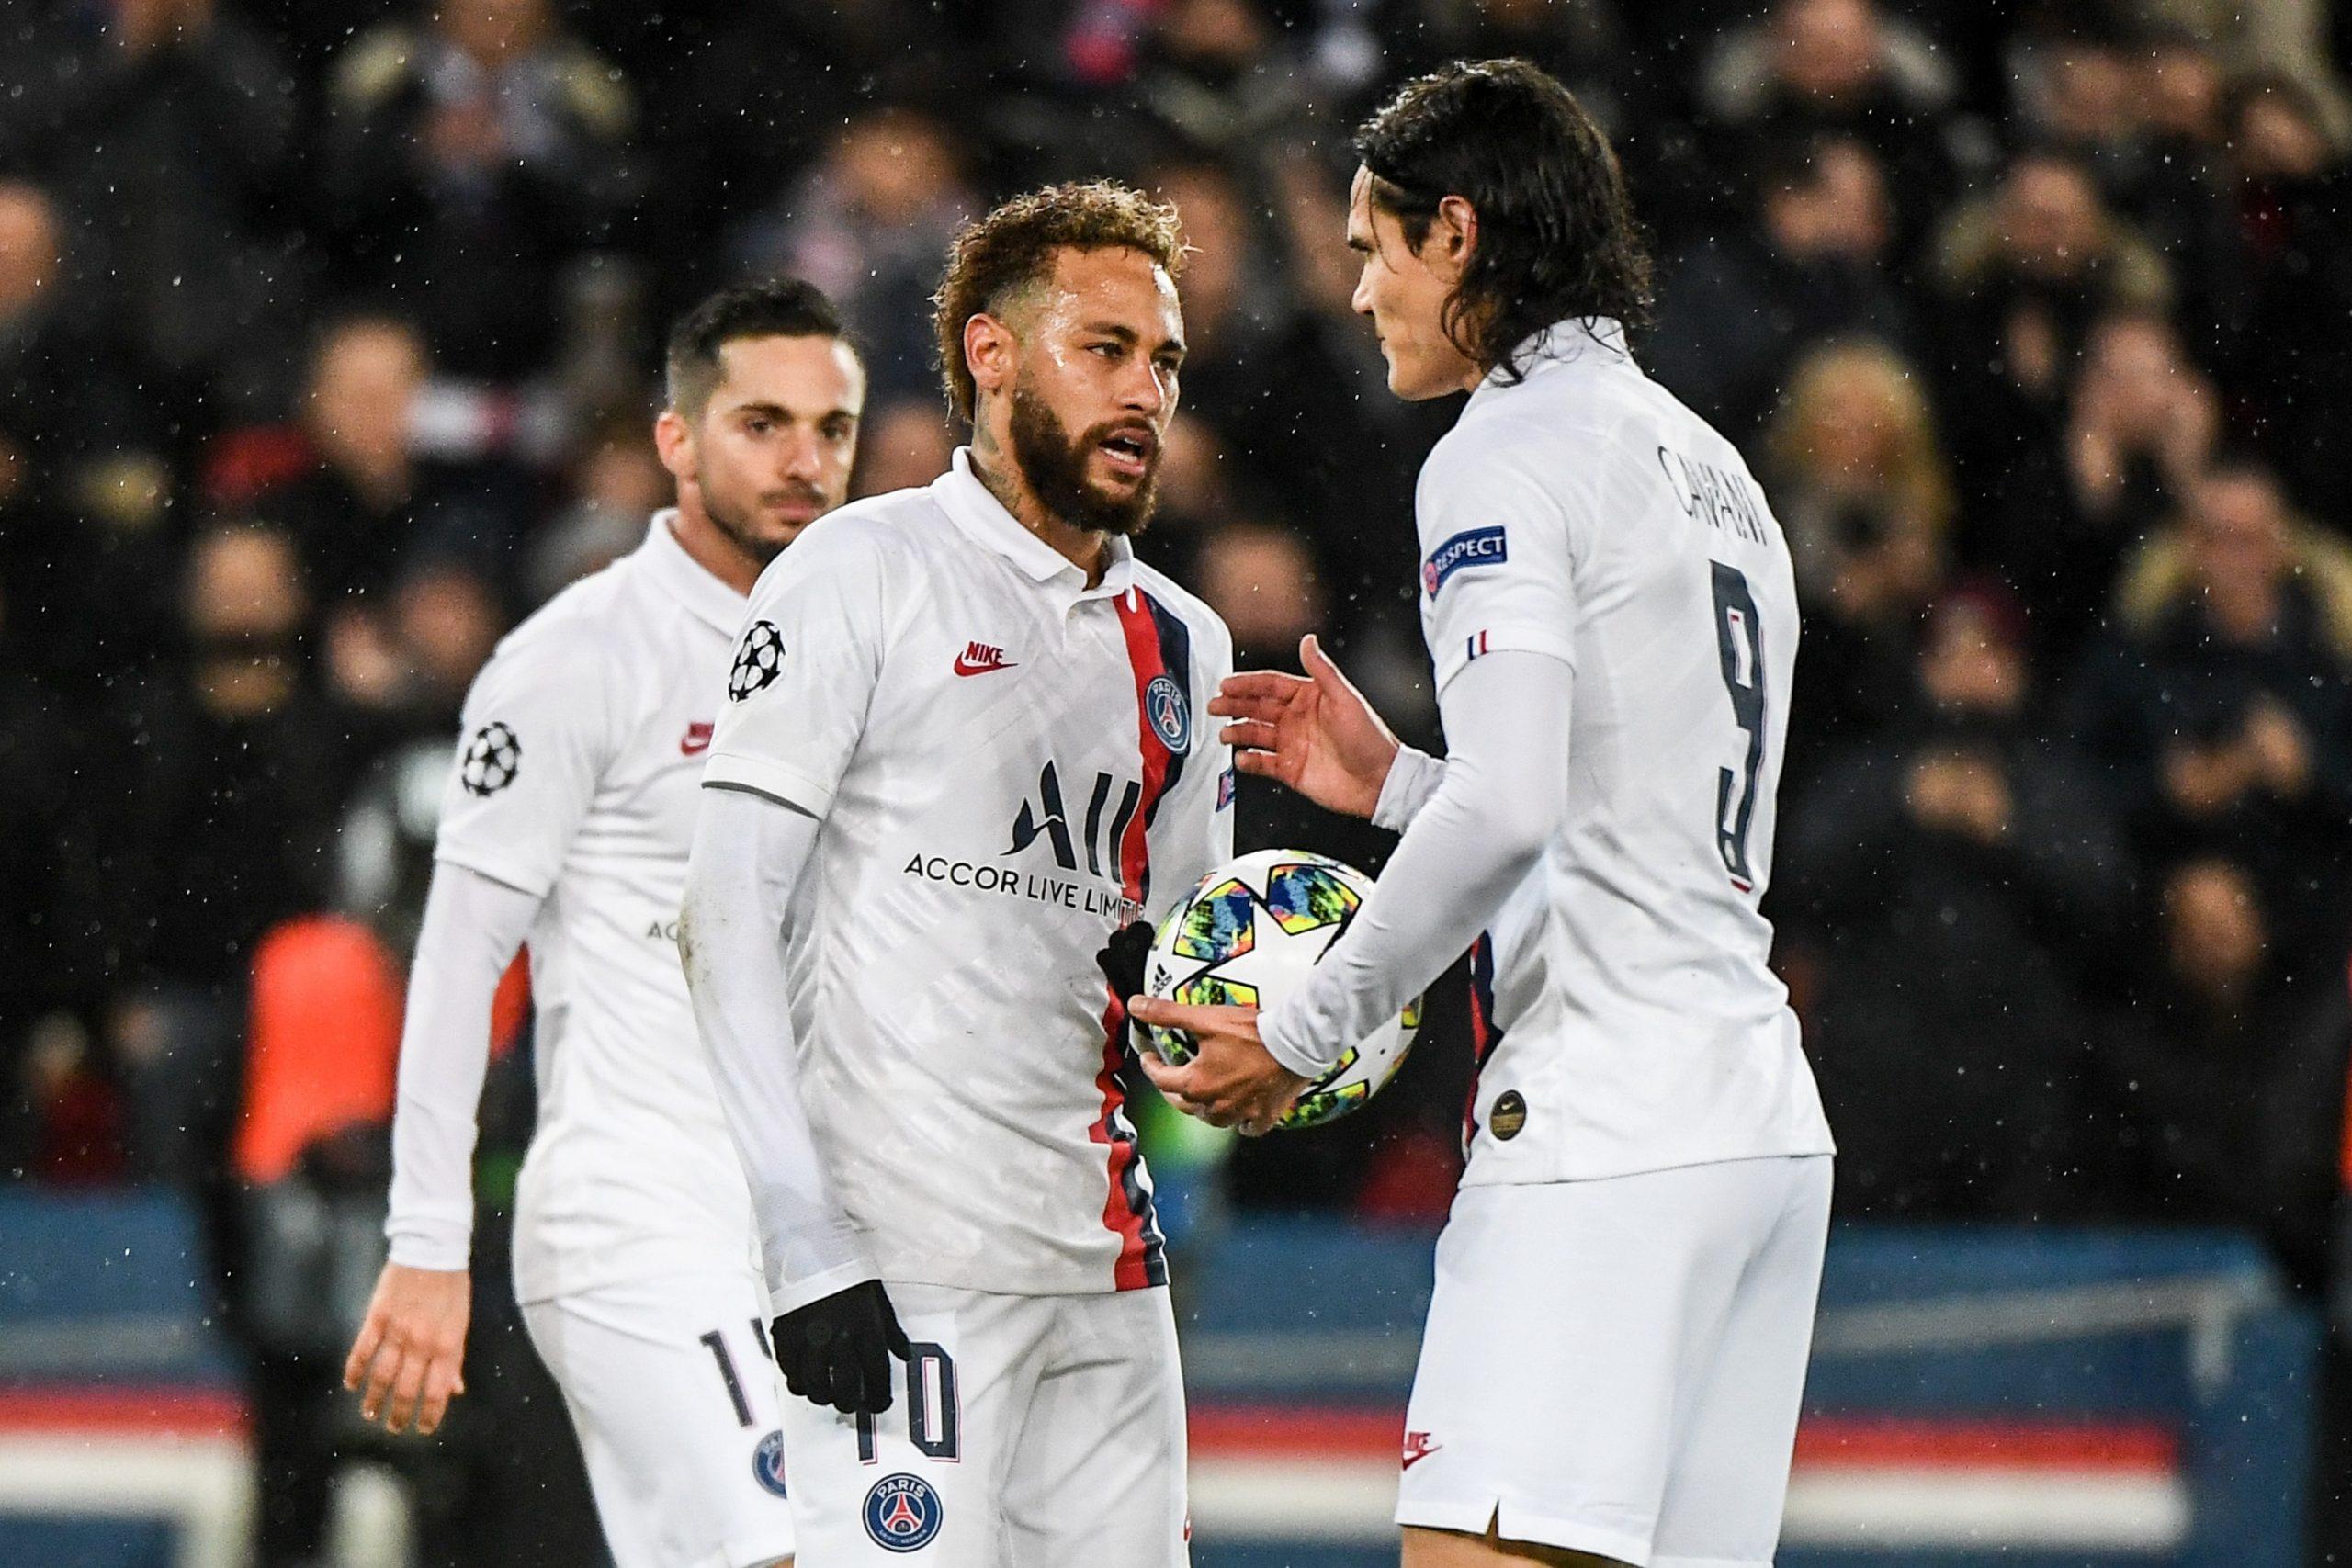 Cavani et Neymar ont de nos jours une très bonne relation, explique UOL Esporte